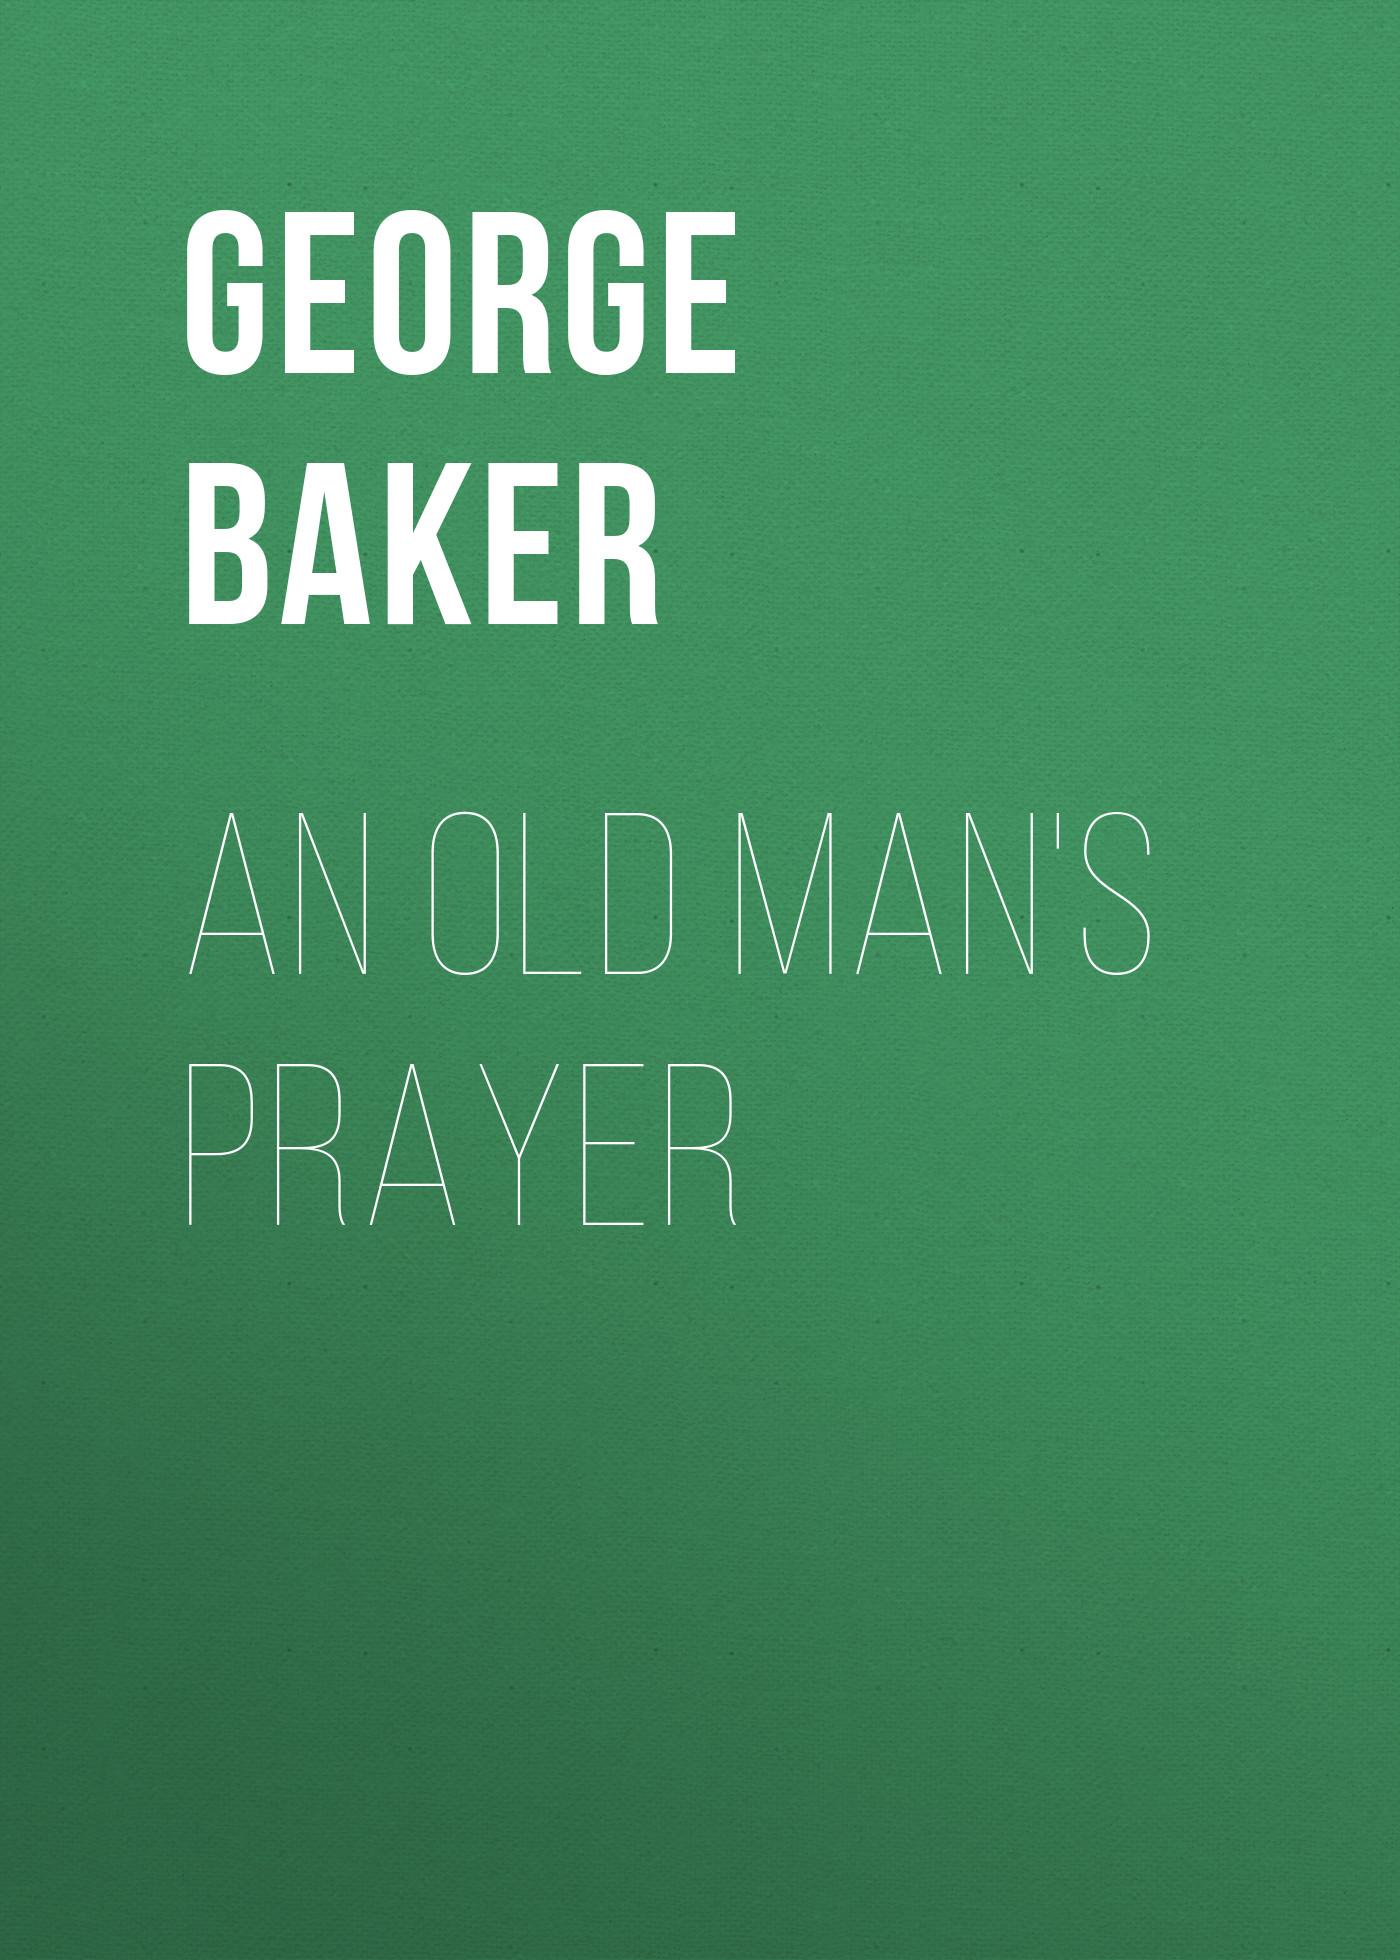 An Old Man's Prayer